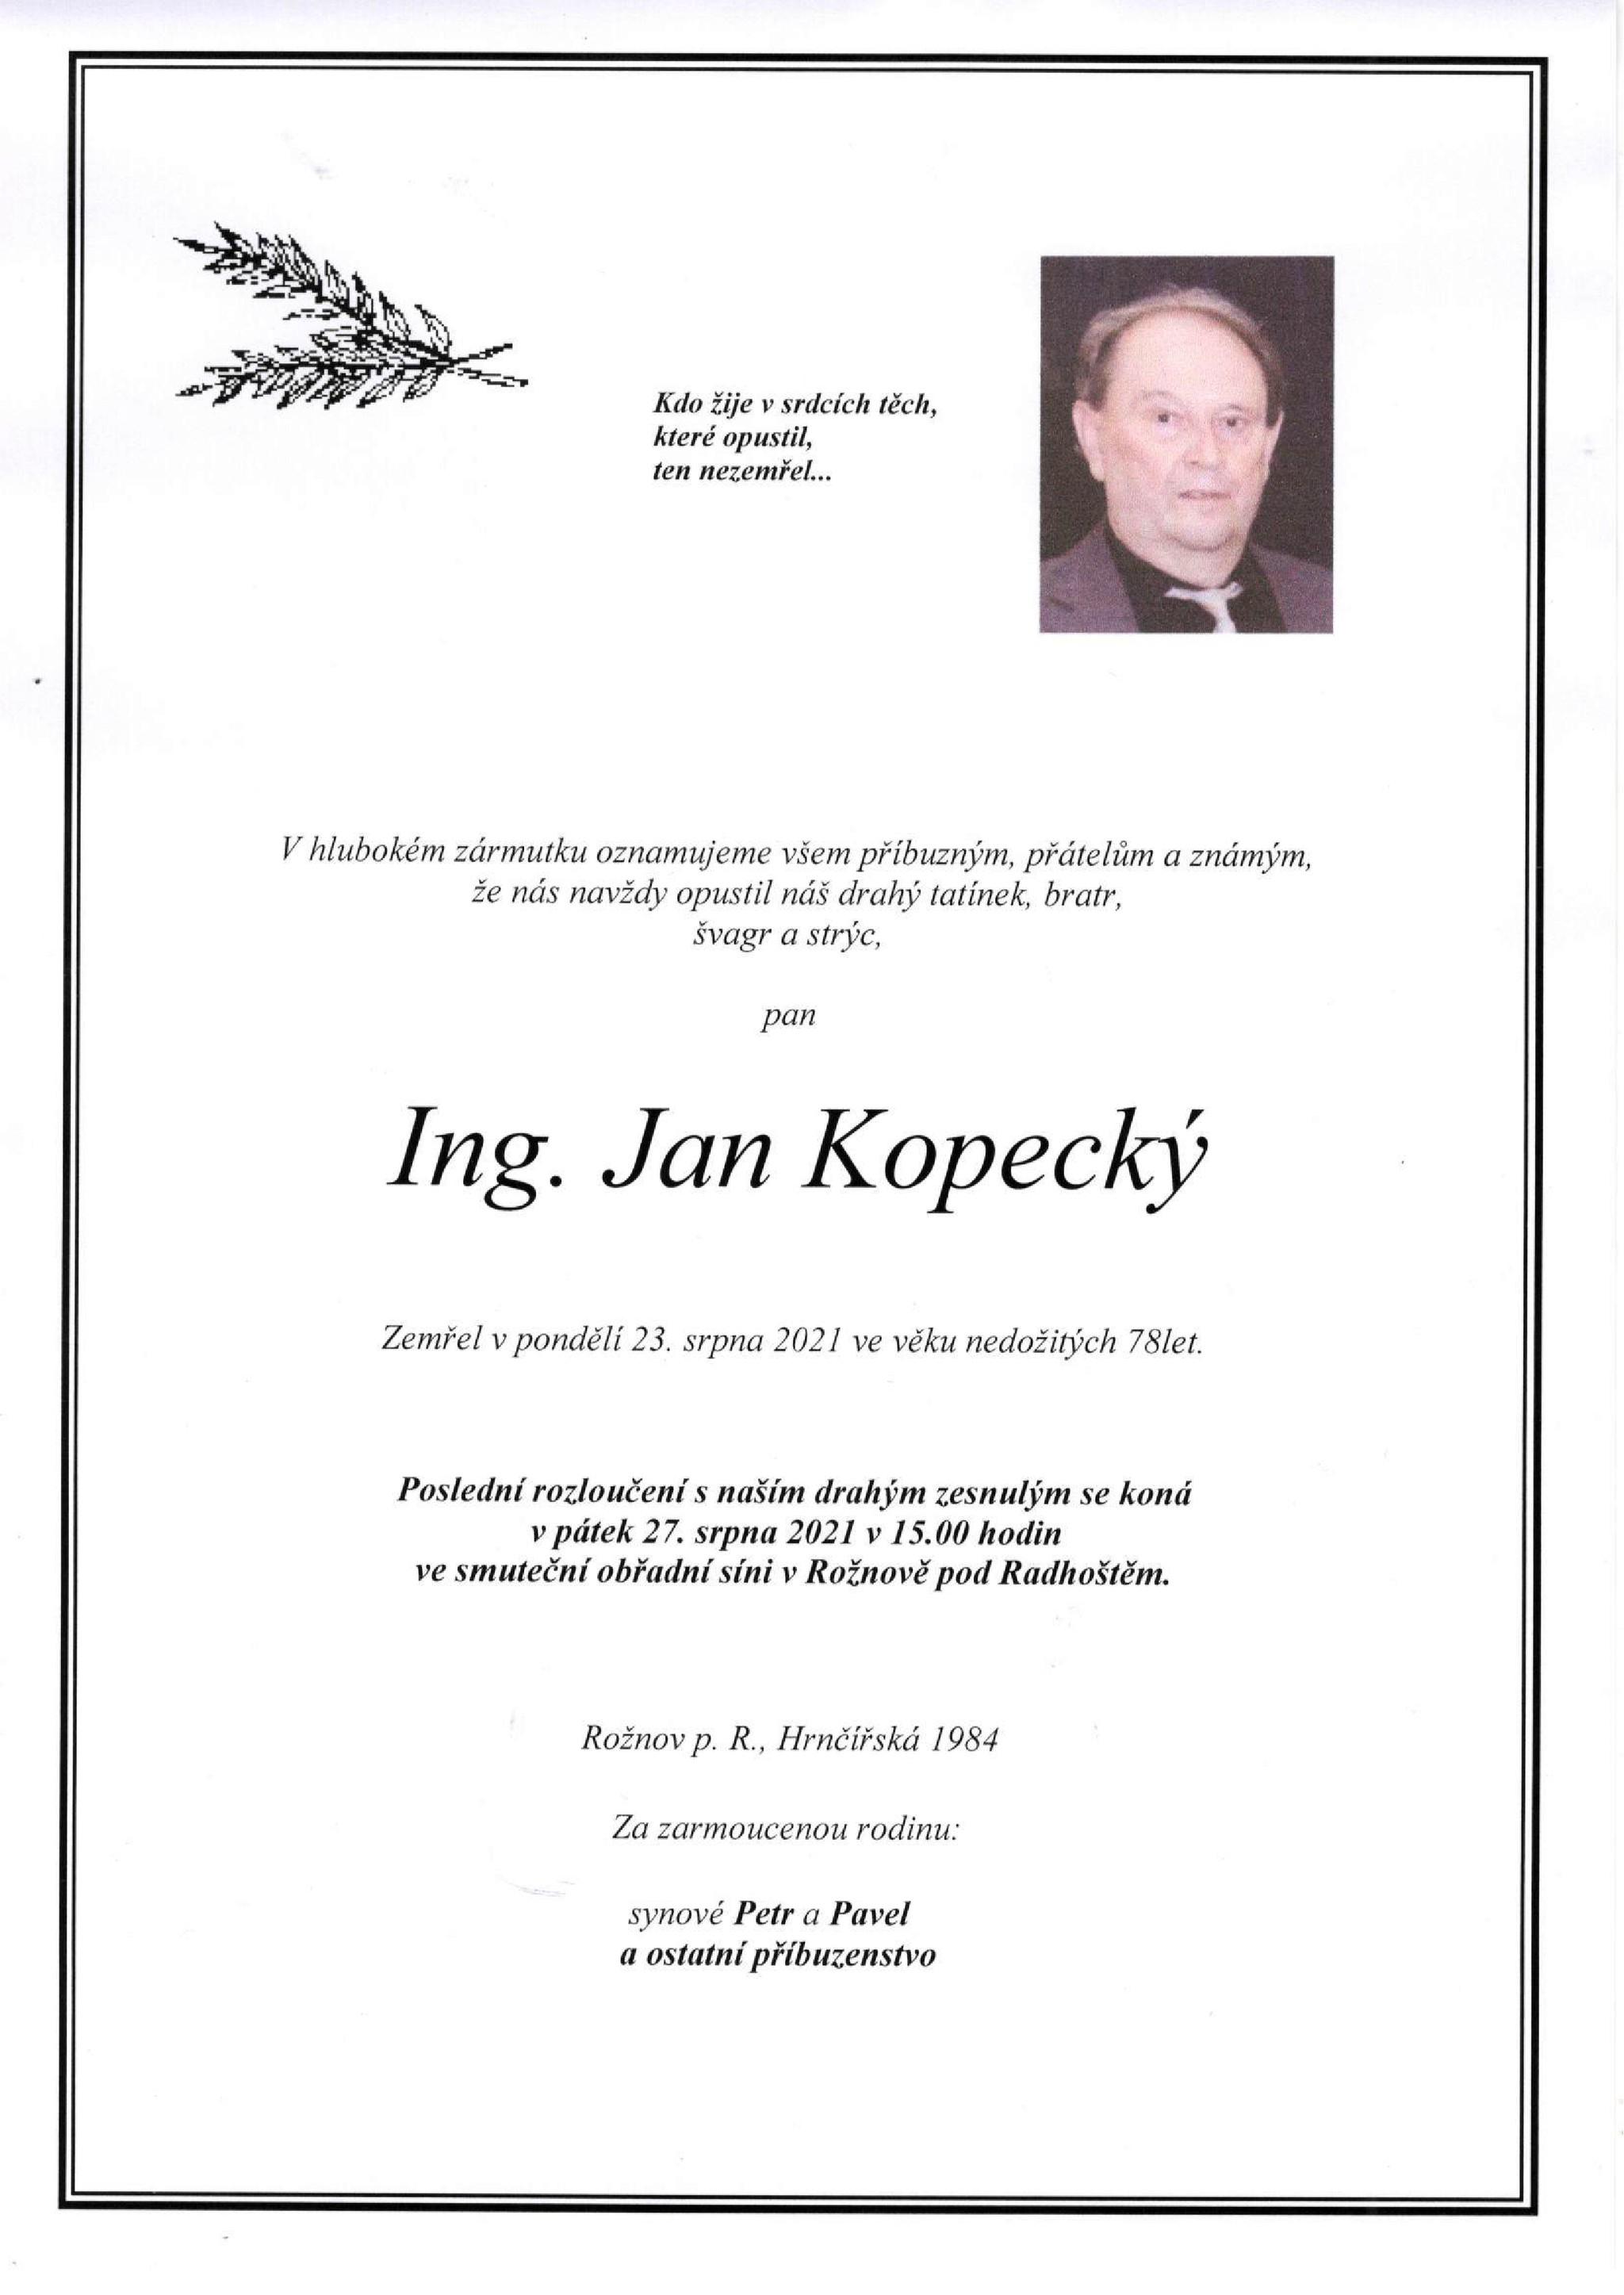 Ing. Jan Kopecký